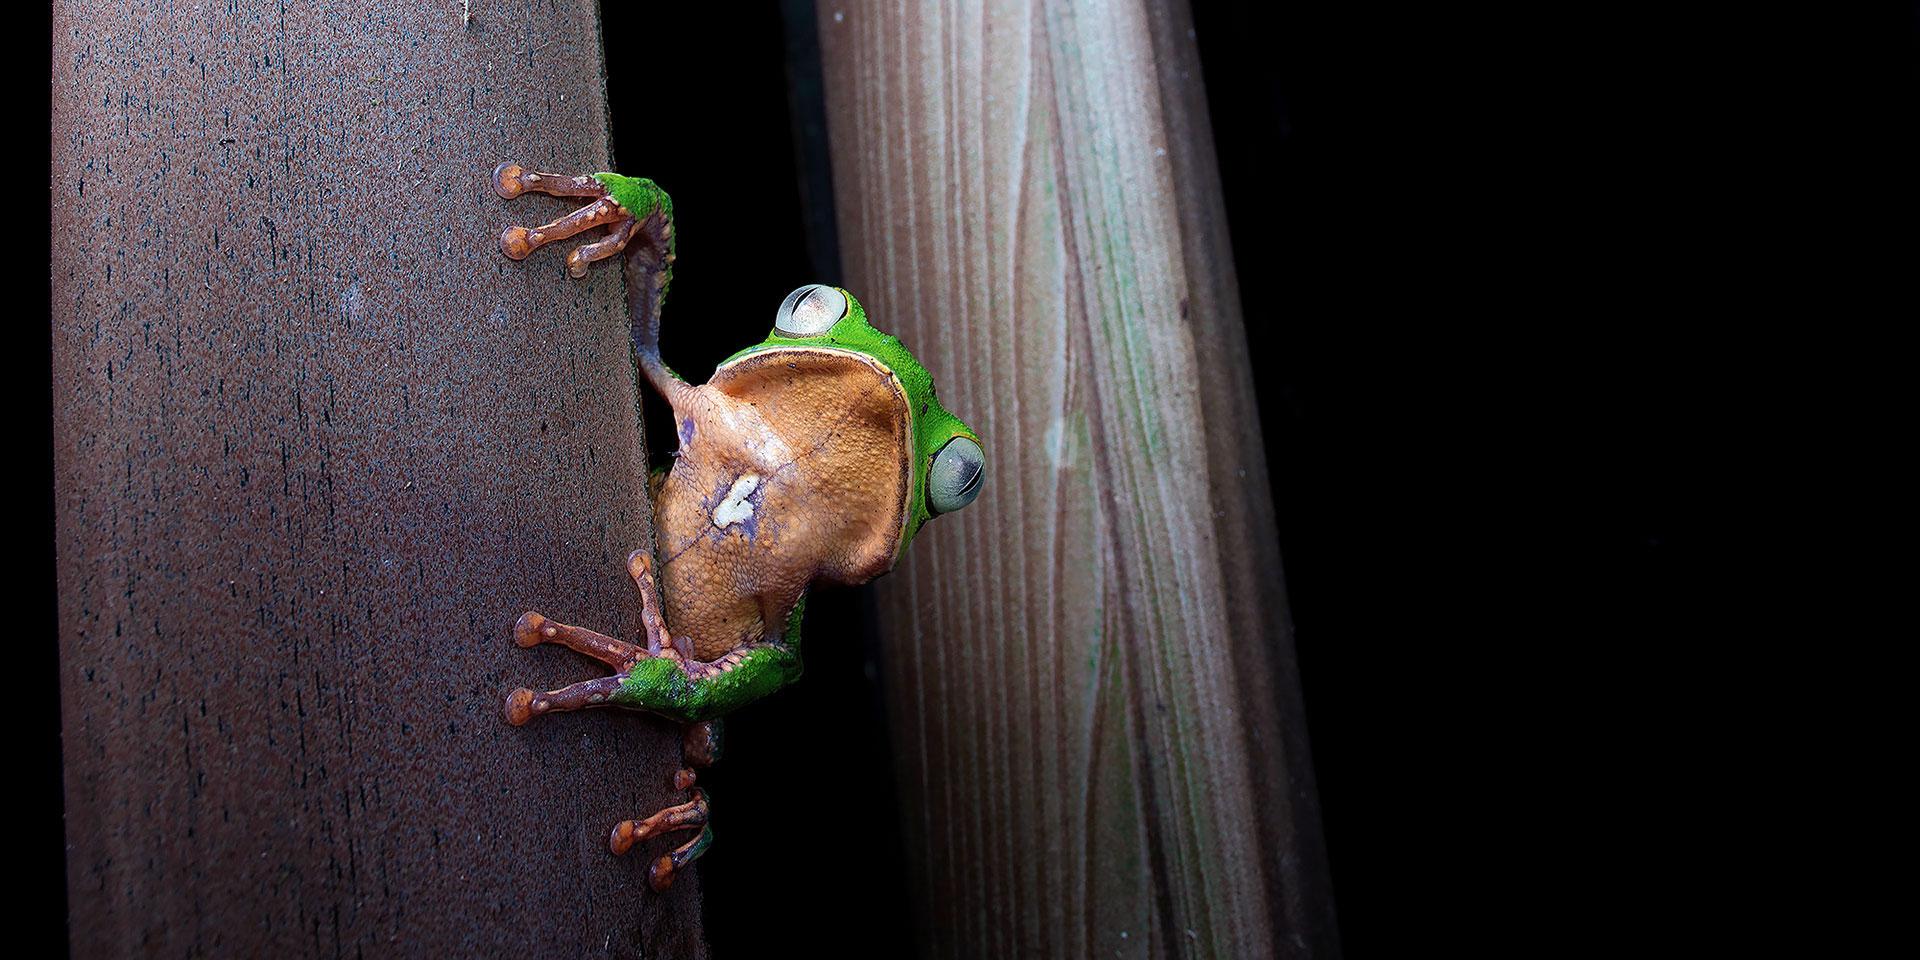 Neoselva-Phyllomedusa-vaillantii-treefrog-Cuyabeno-Amazon-Website